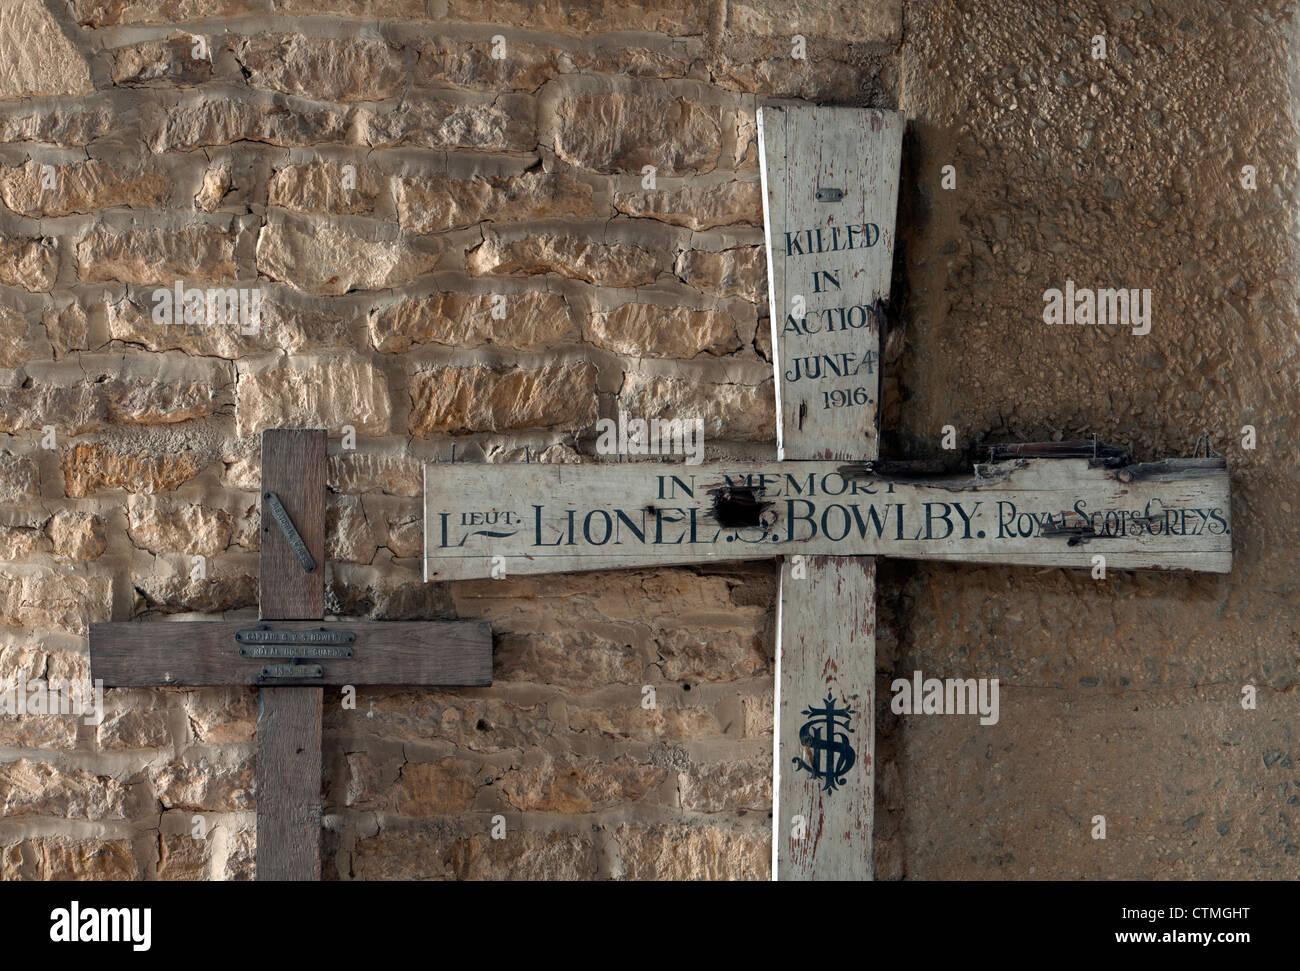 First World War battlefield crosses. - Stock Image